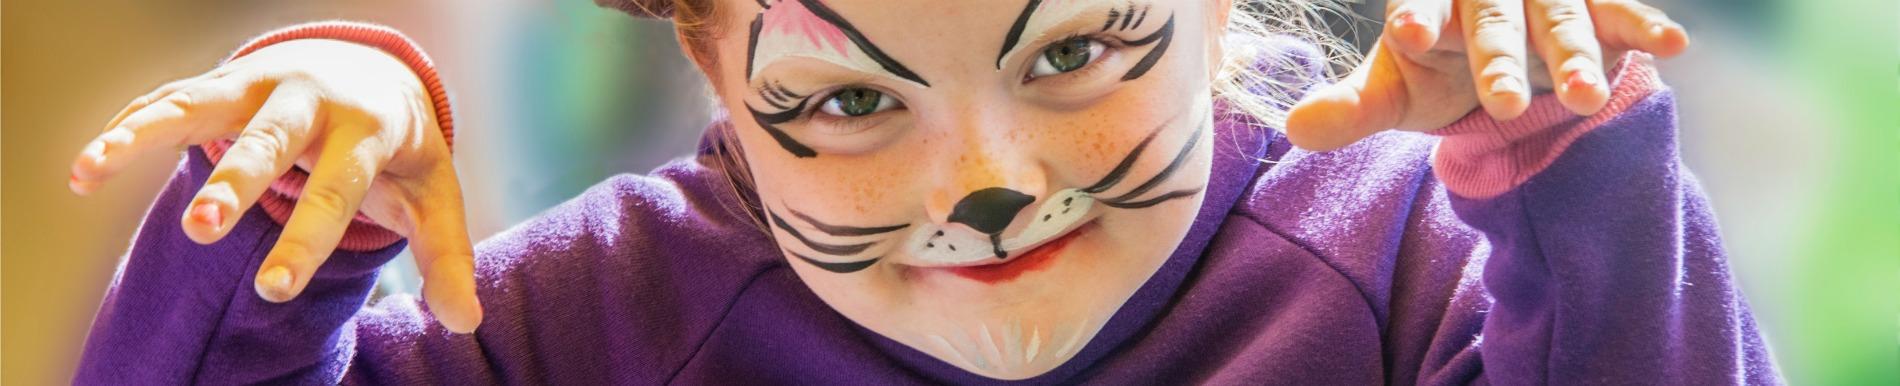 https://www.healthychildren.org/SiteCollectionImage-Homepage-Banners/halloween_girl_cat_paint.jpg